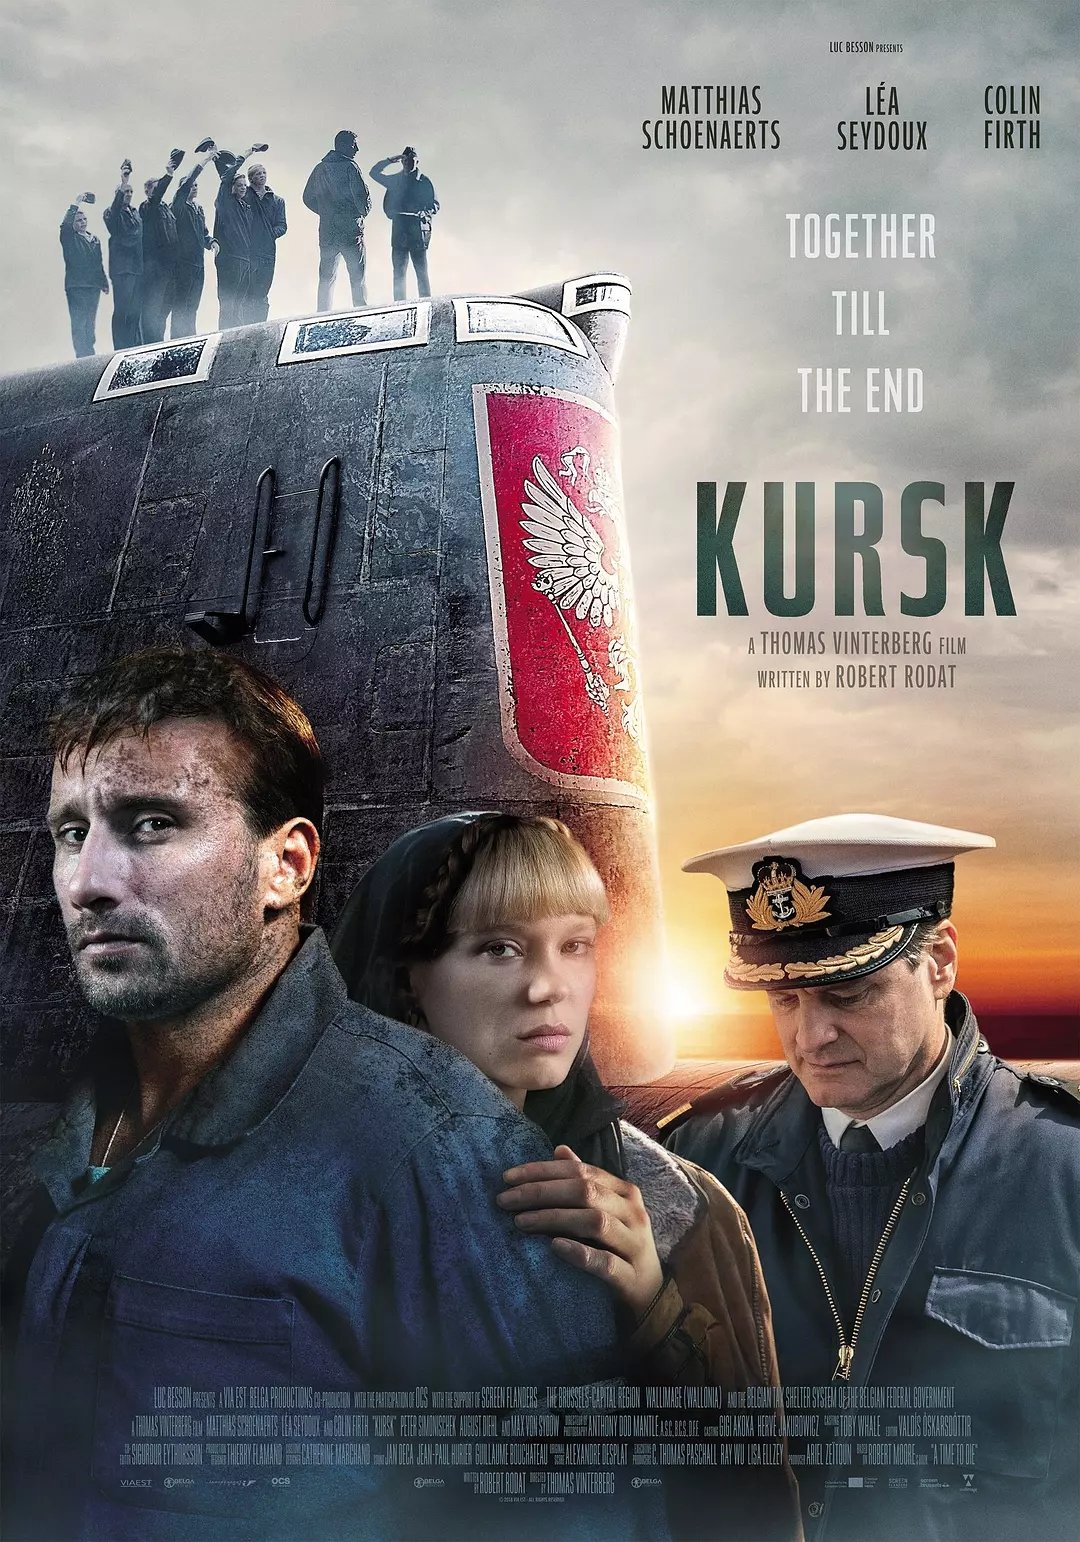 库尔斯克 [又一部潜艇片,大名鼎鼎的库尔斯克号事件,低级失误造成的潜艇事故,我国也有类似的海军361事件]